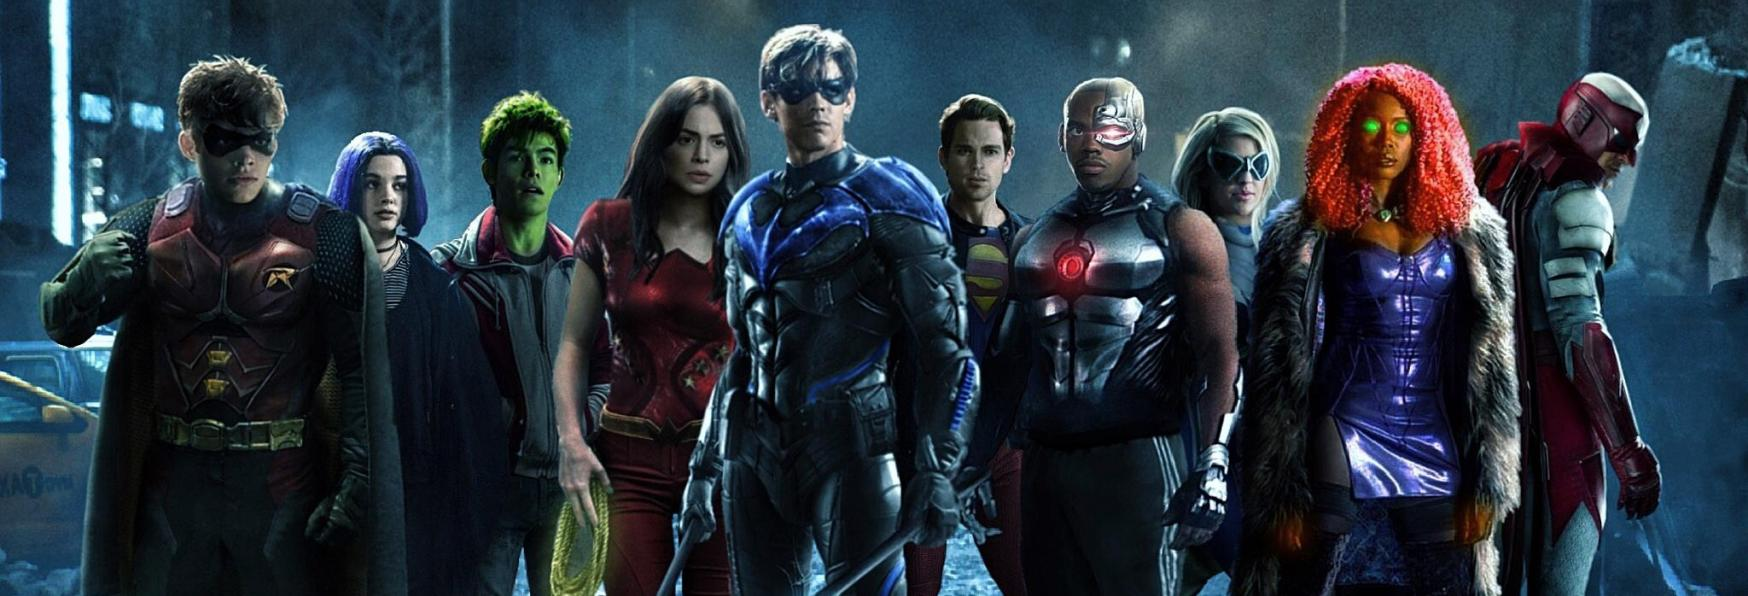 Titans 3: leakati i titoli degli episodi della terza stagione